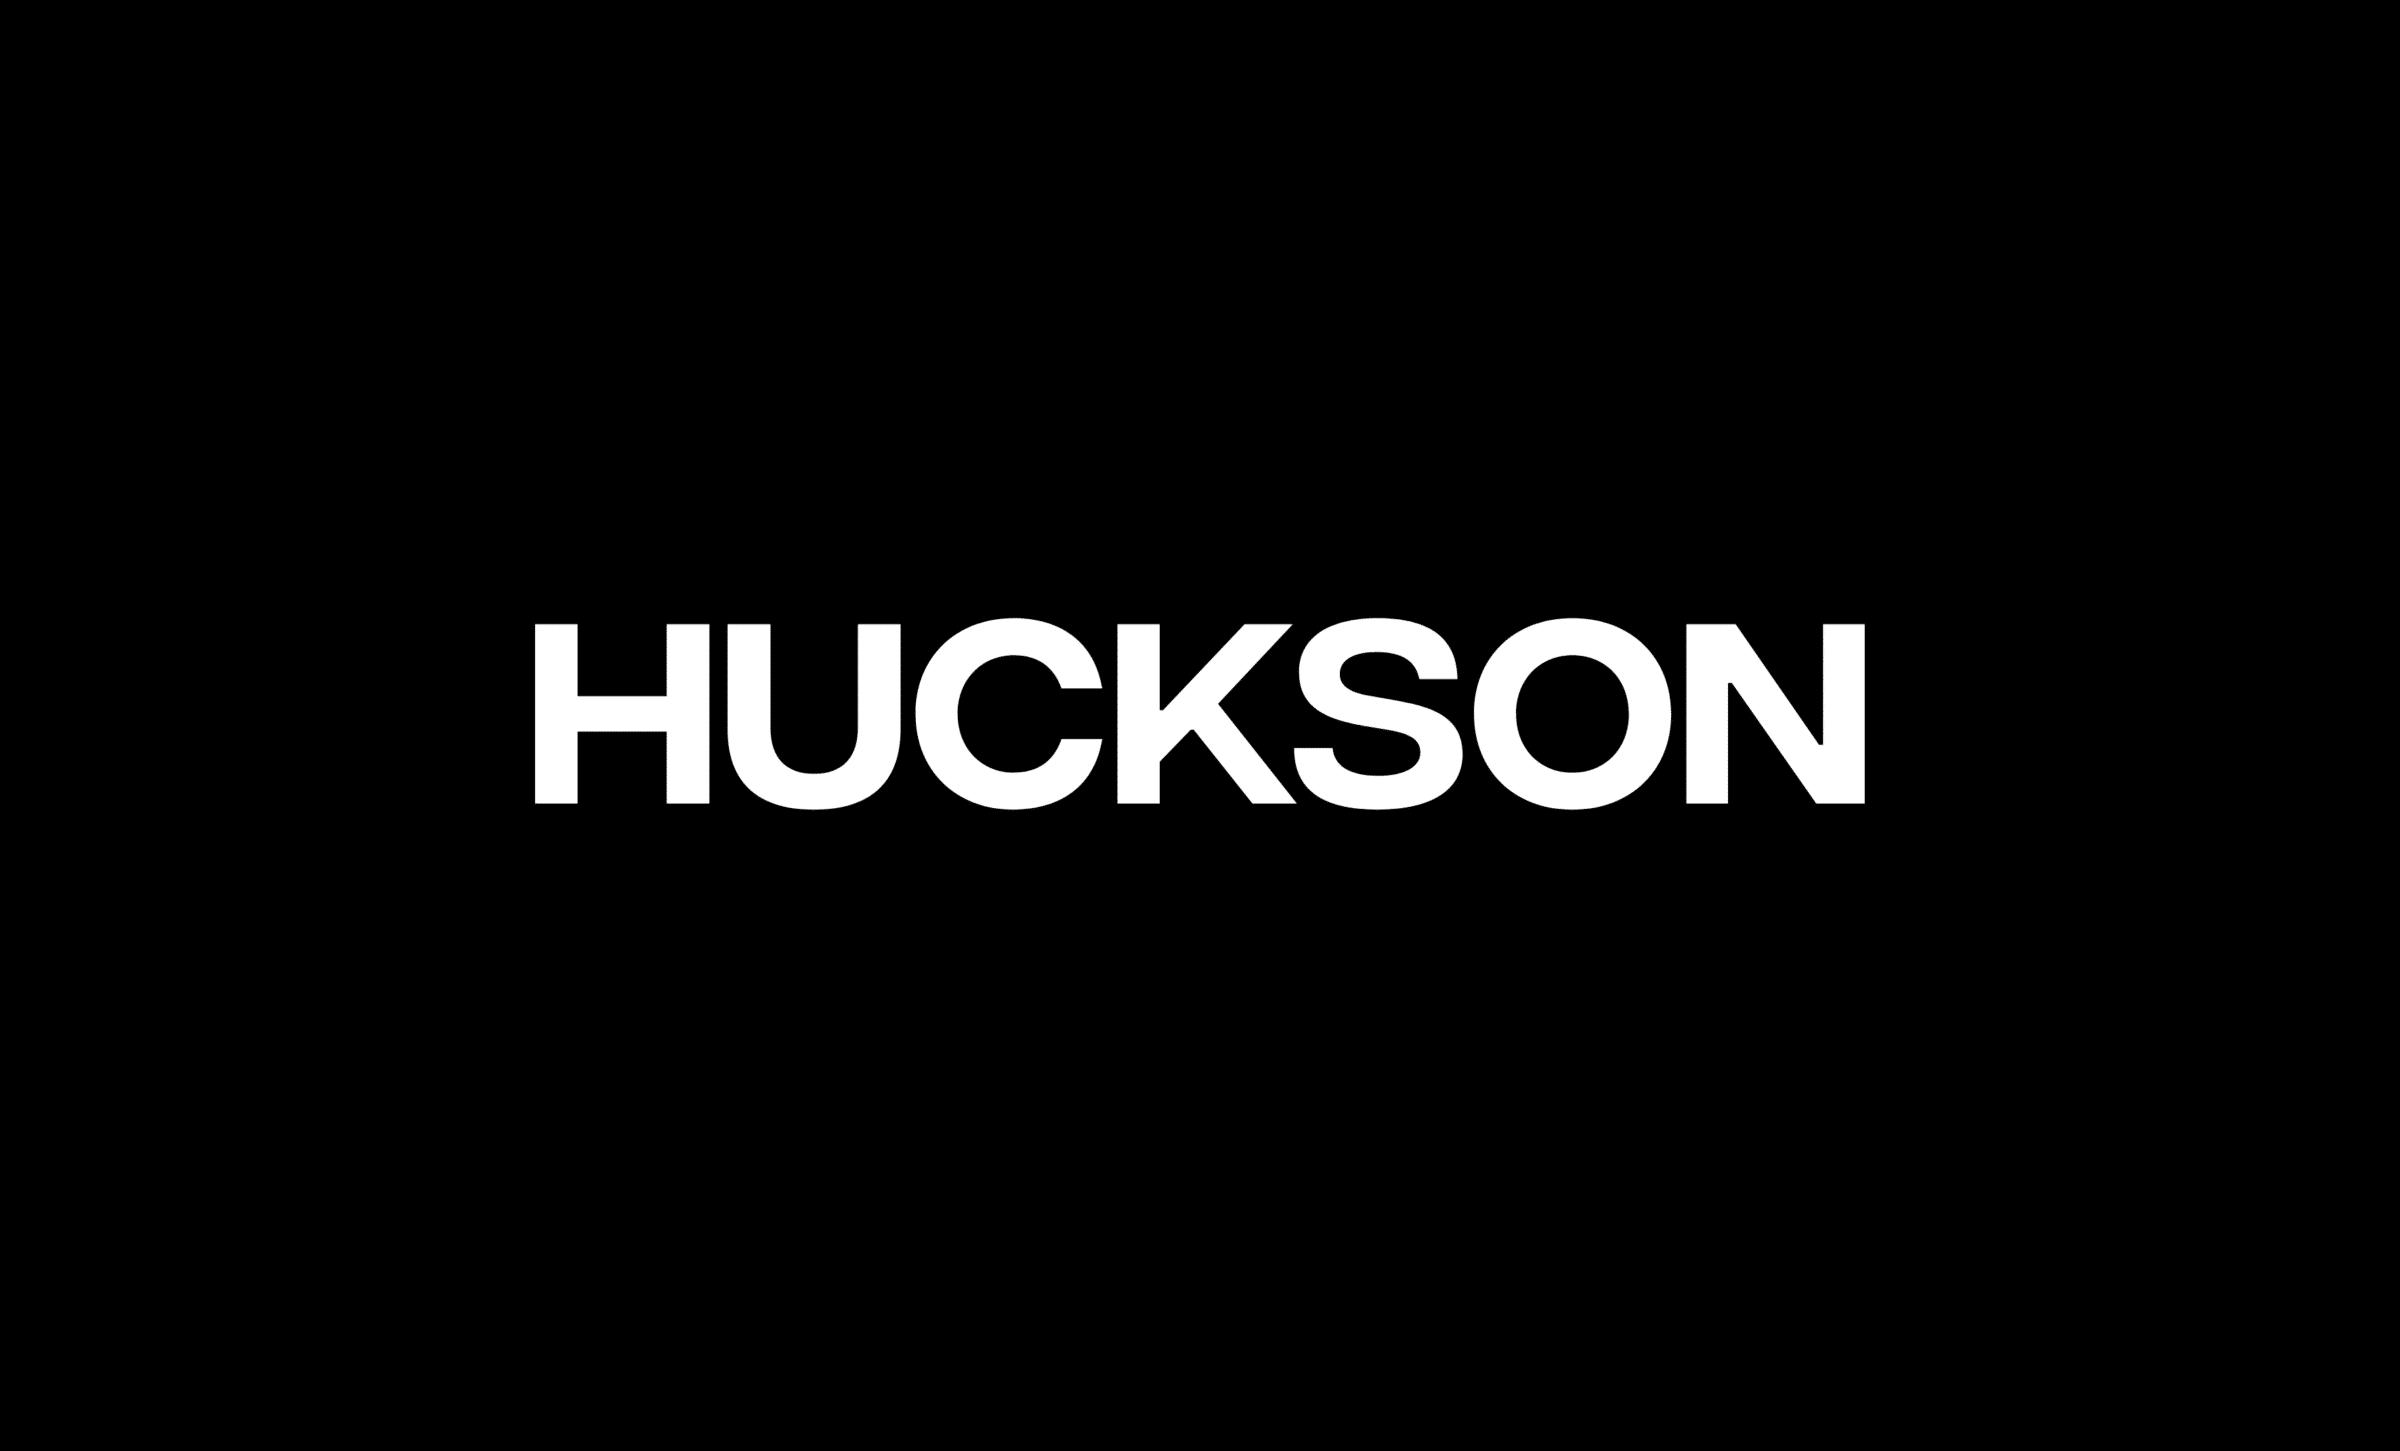 Huckson logo